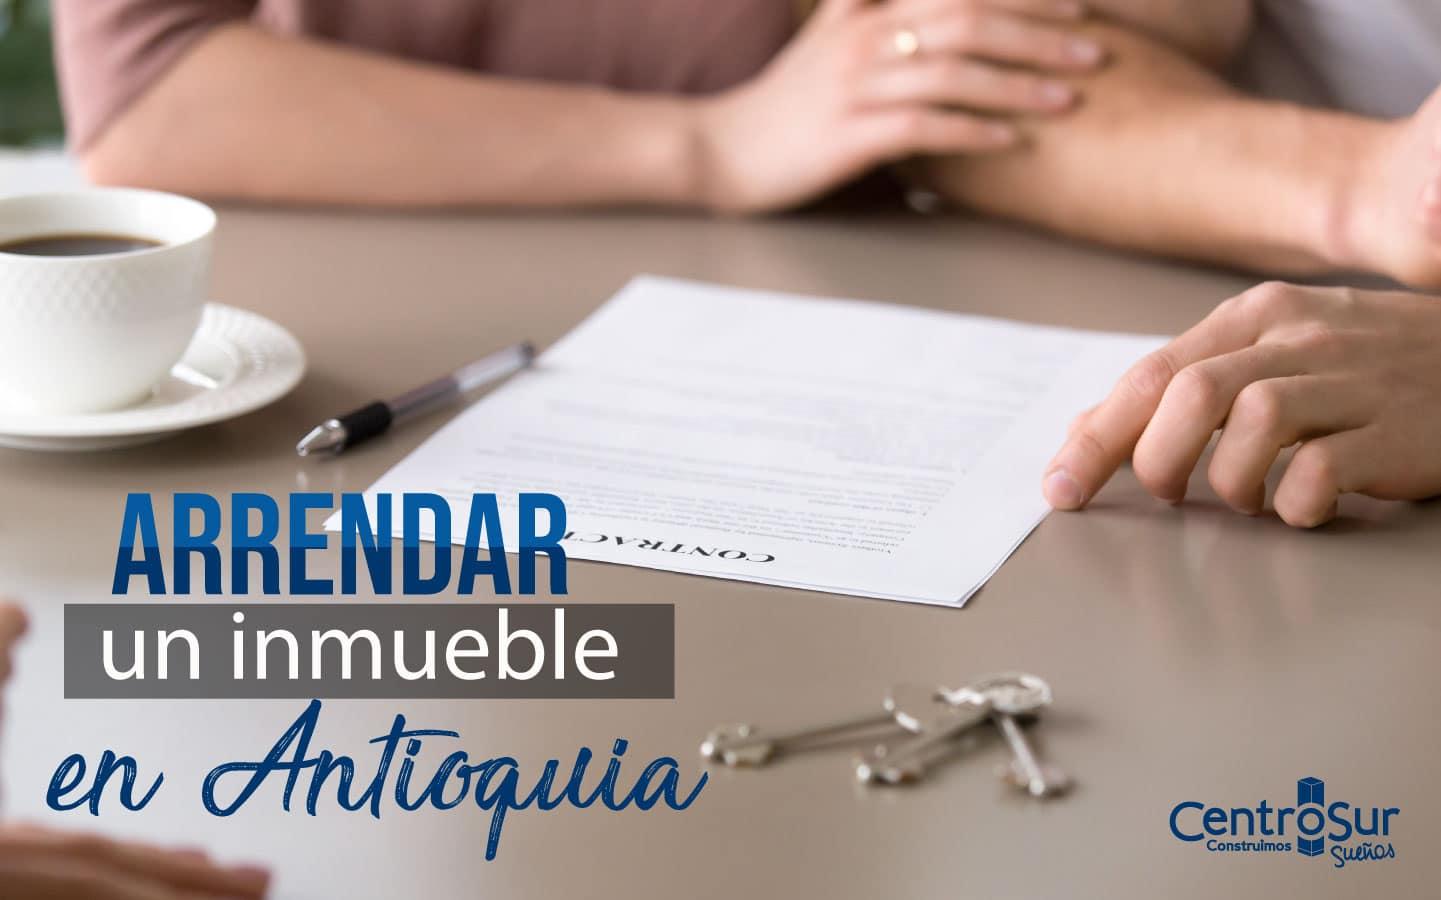 Guía para arrendar un inmueble en Antioquia